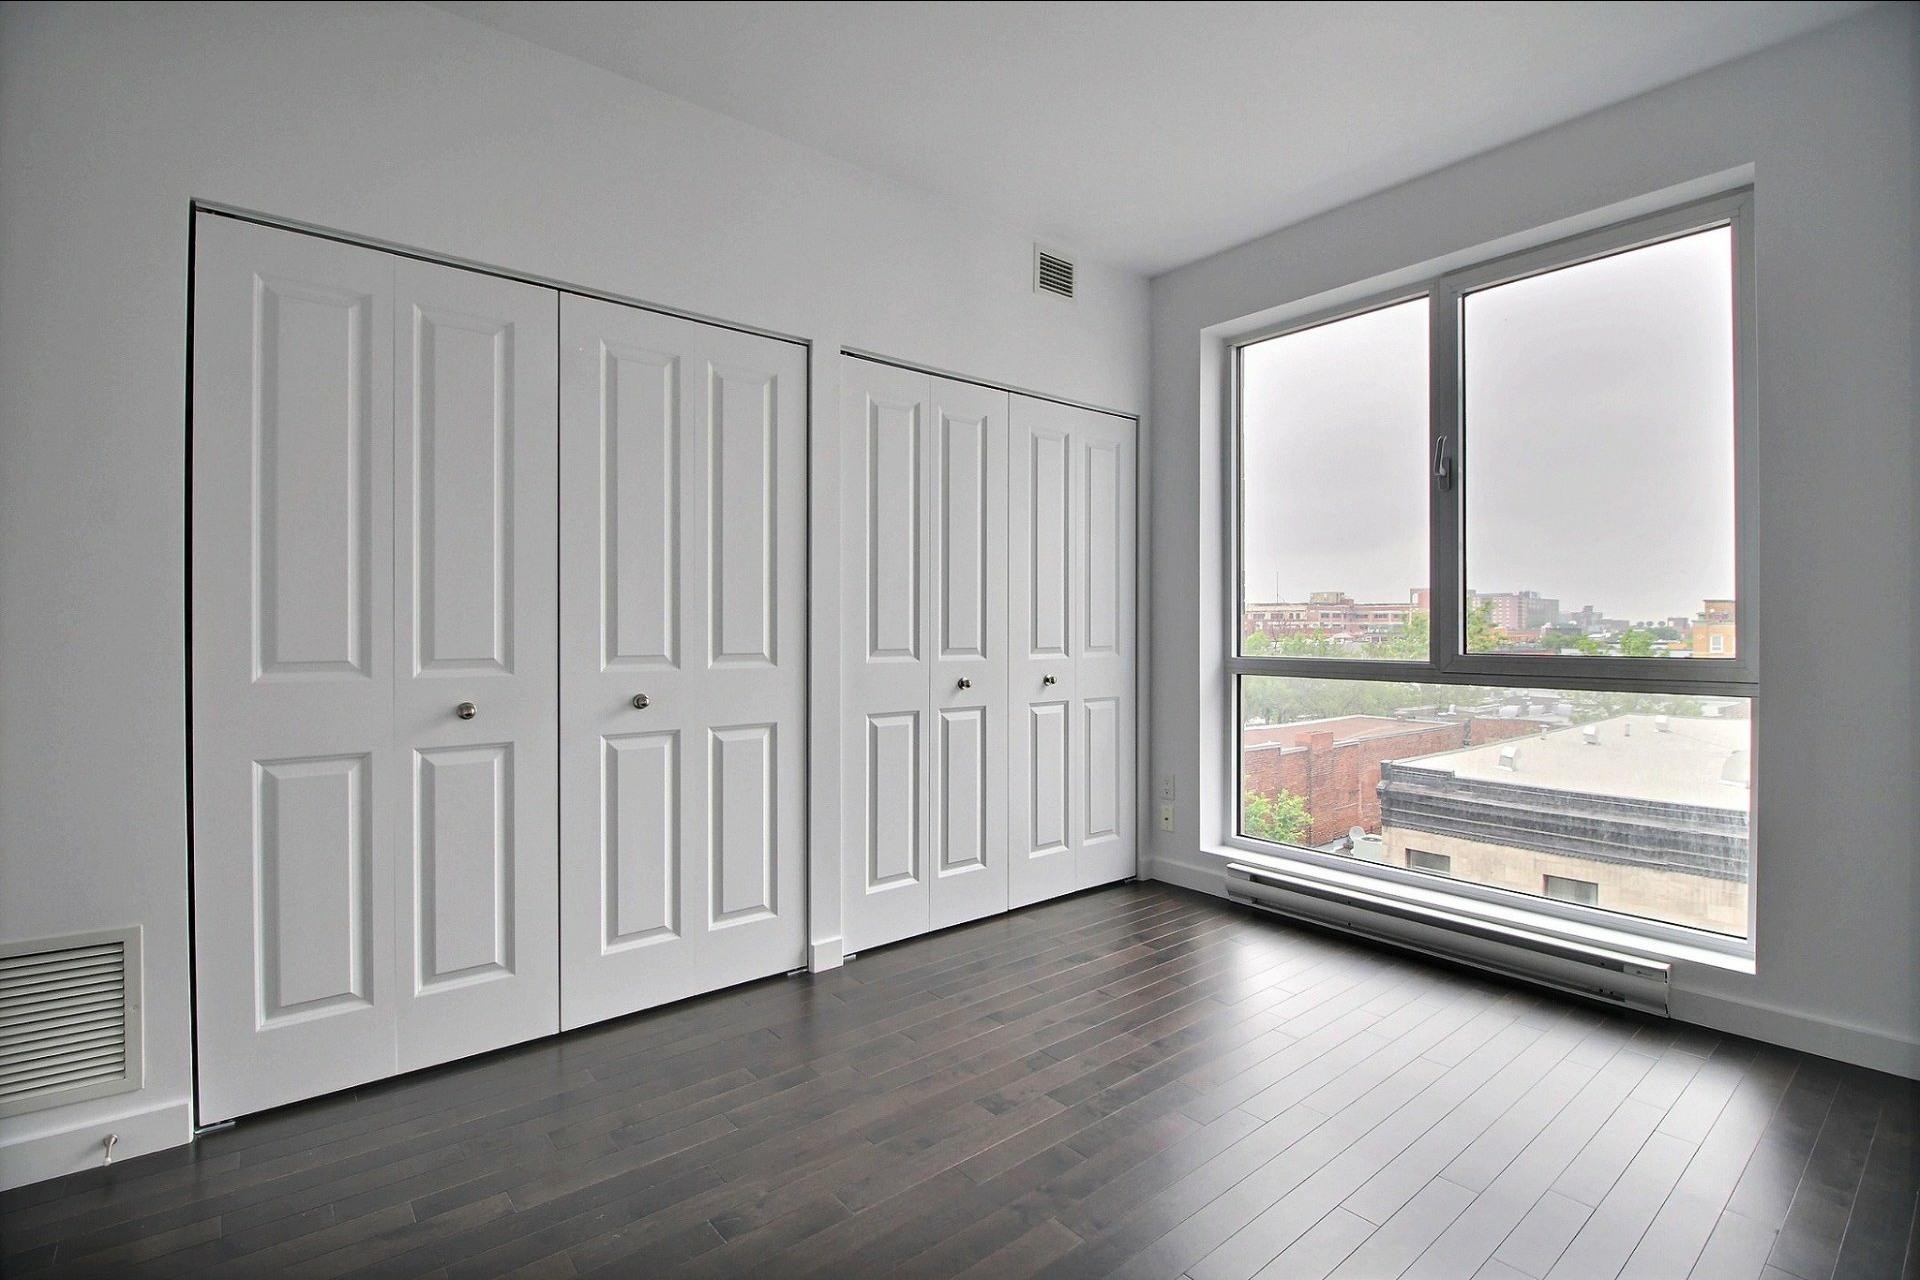 image 29 - Appartement À vendre Montréal Ville-Marie  - 5 pièces